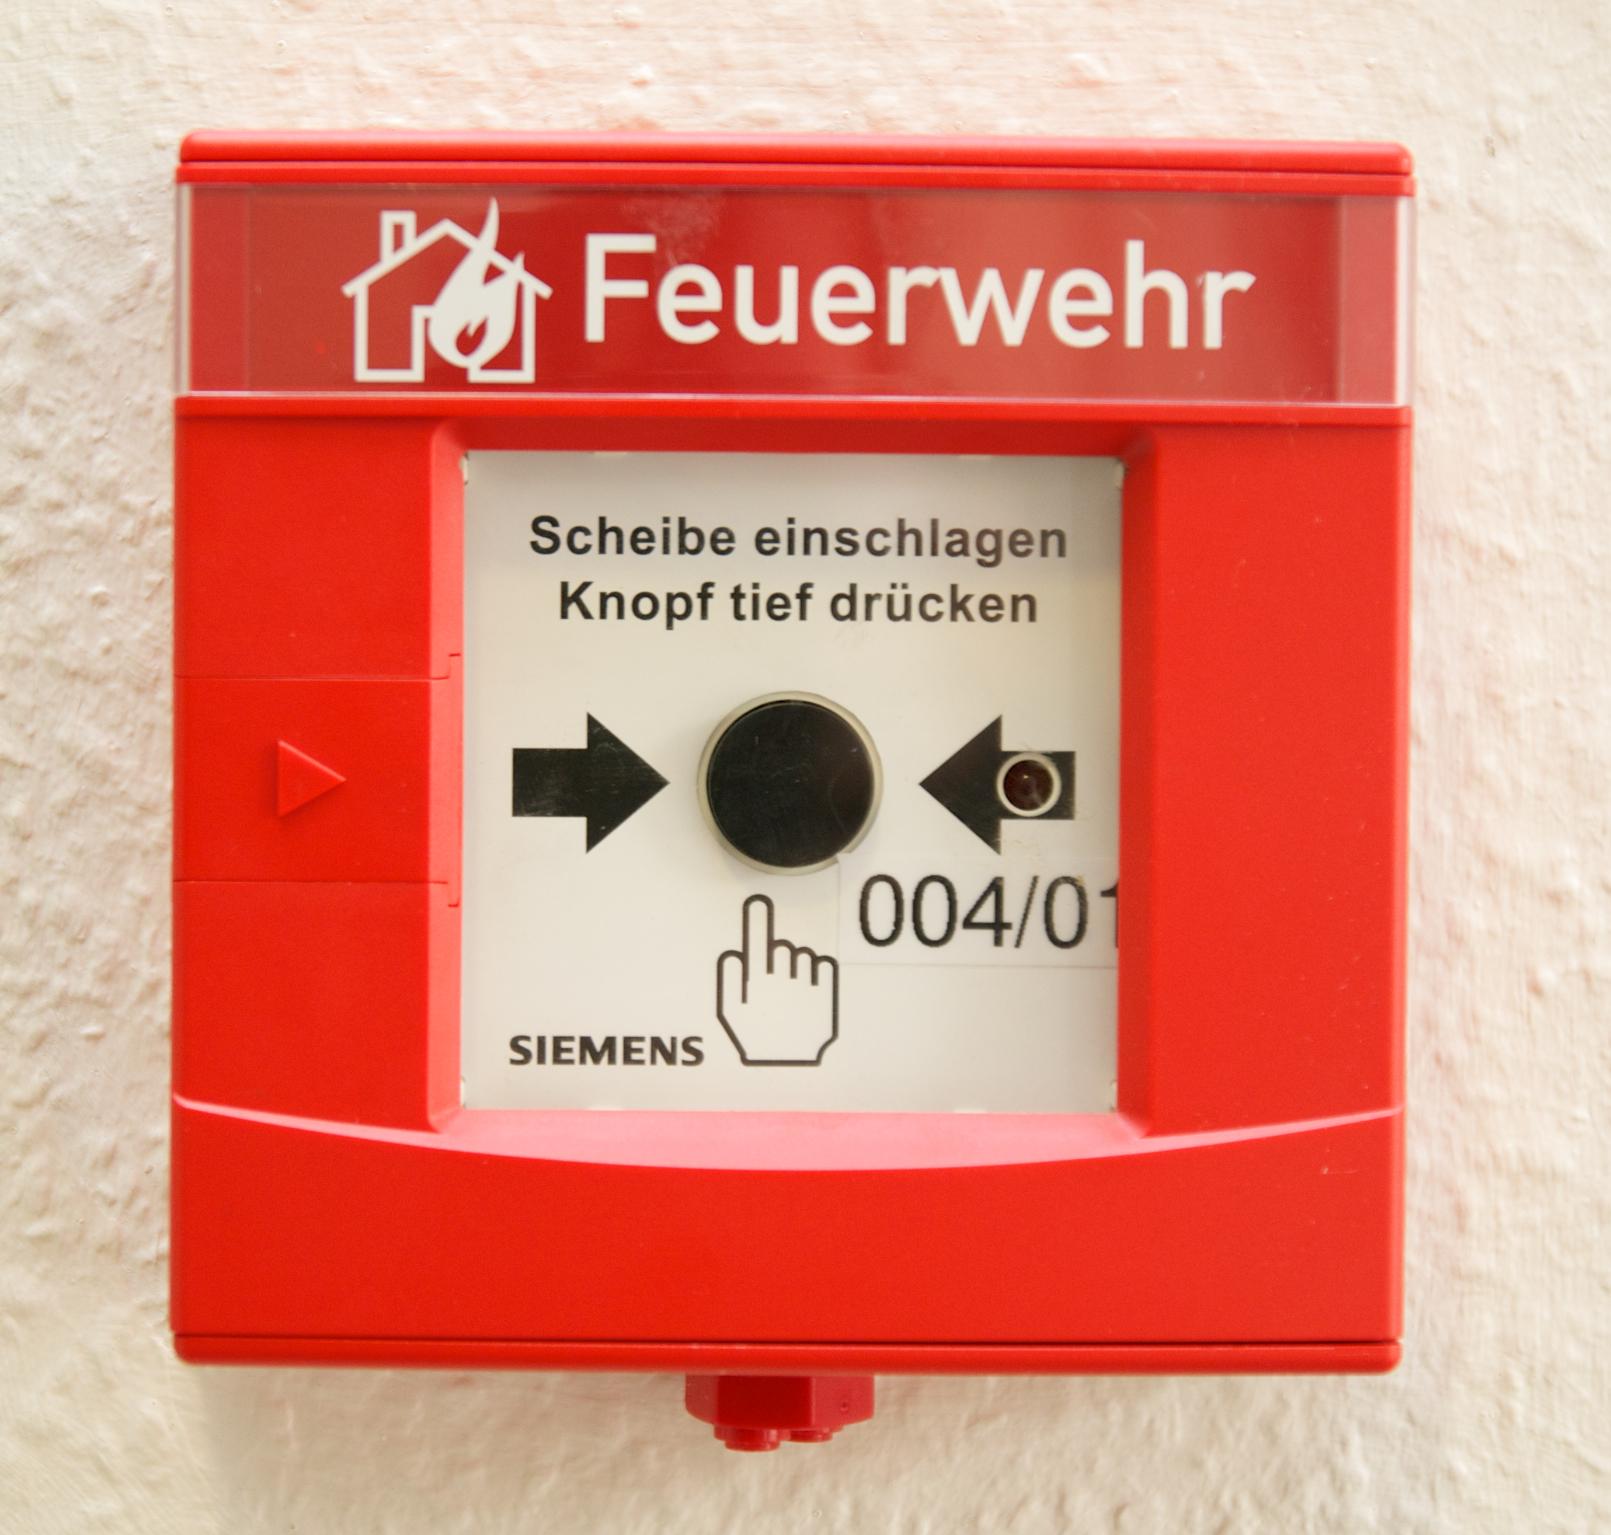 Für schnelle Hilfe bei Sicherheitsvorfällen will die Regierung eine freiwillige Feuerwehr im Cyberraum - CC BY 2.0 via flickr/frnetz